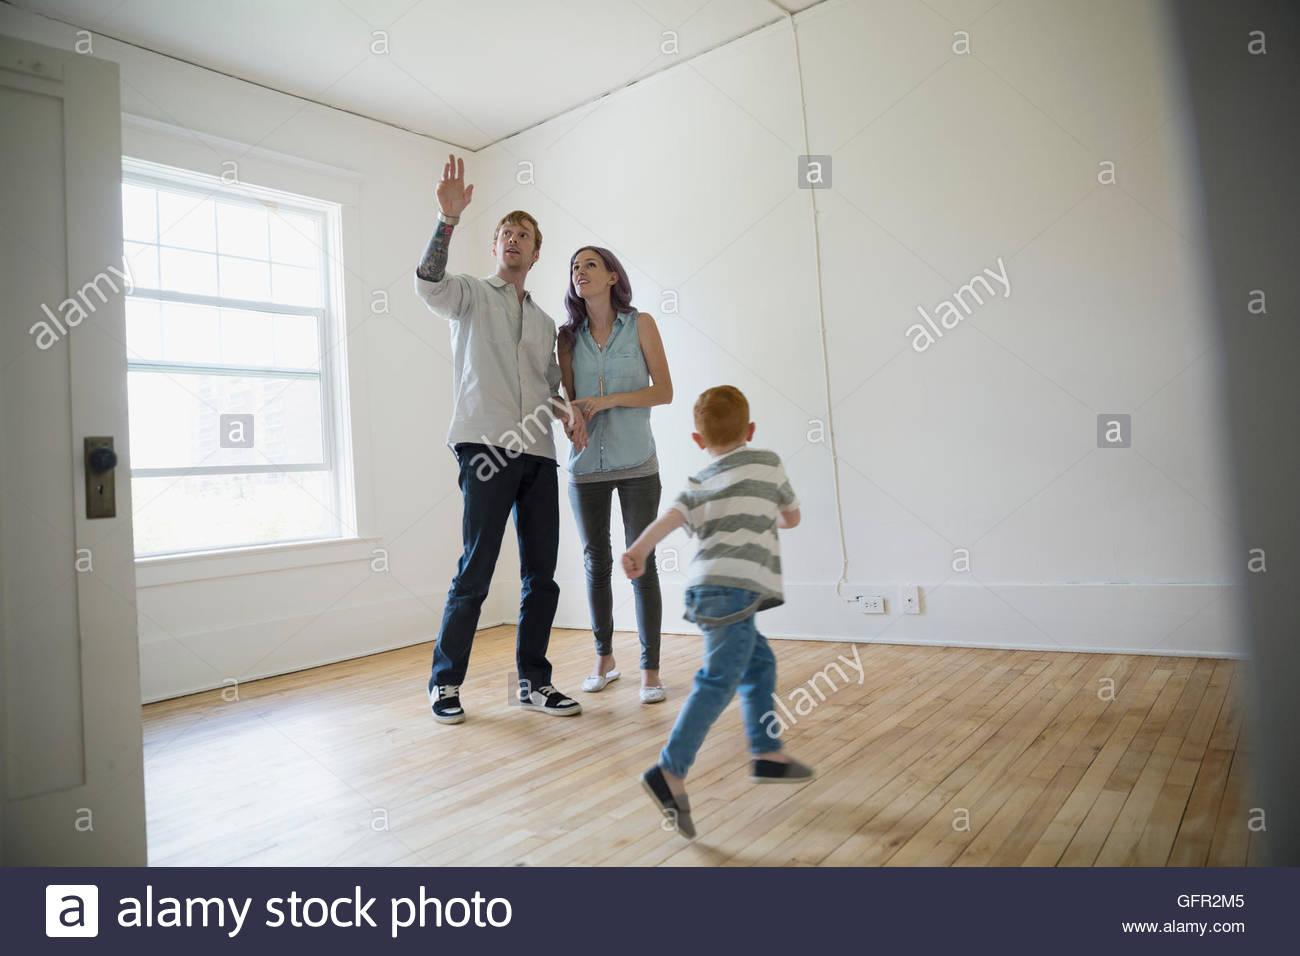 Familia Joven en casa nueva vacía Imagen De Stock